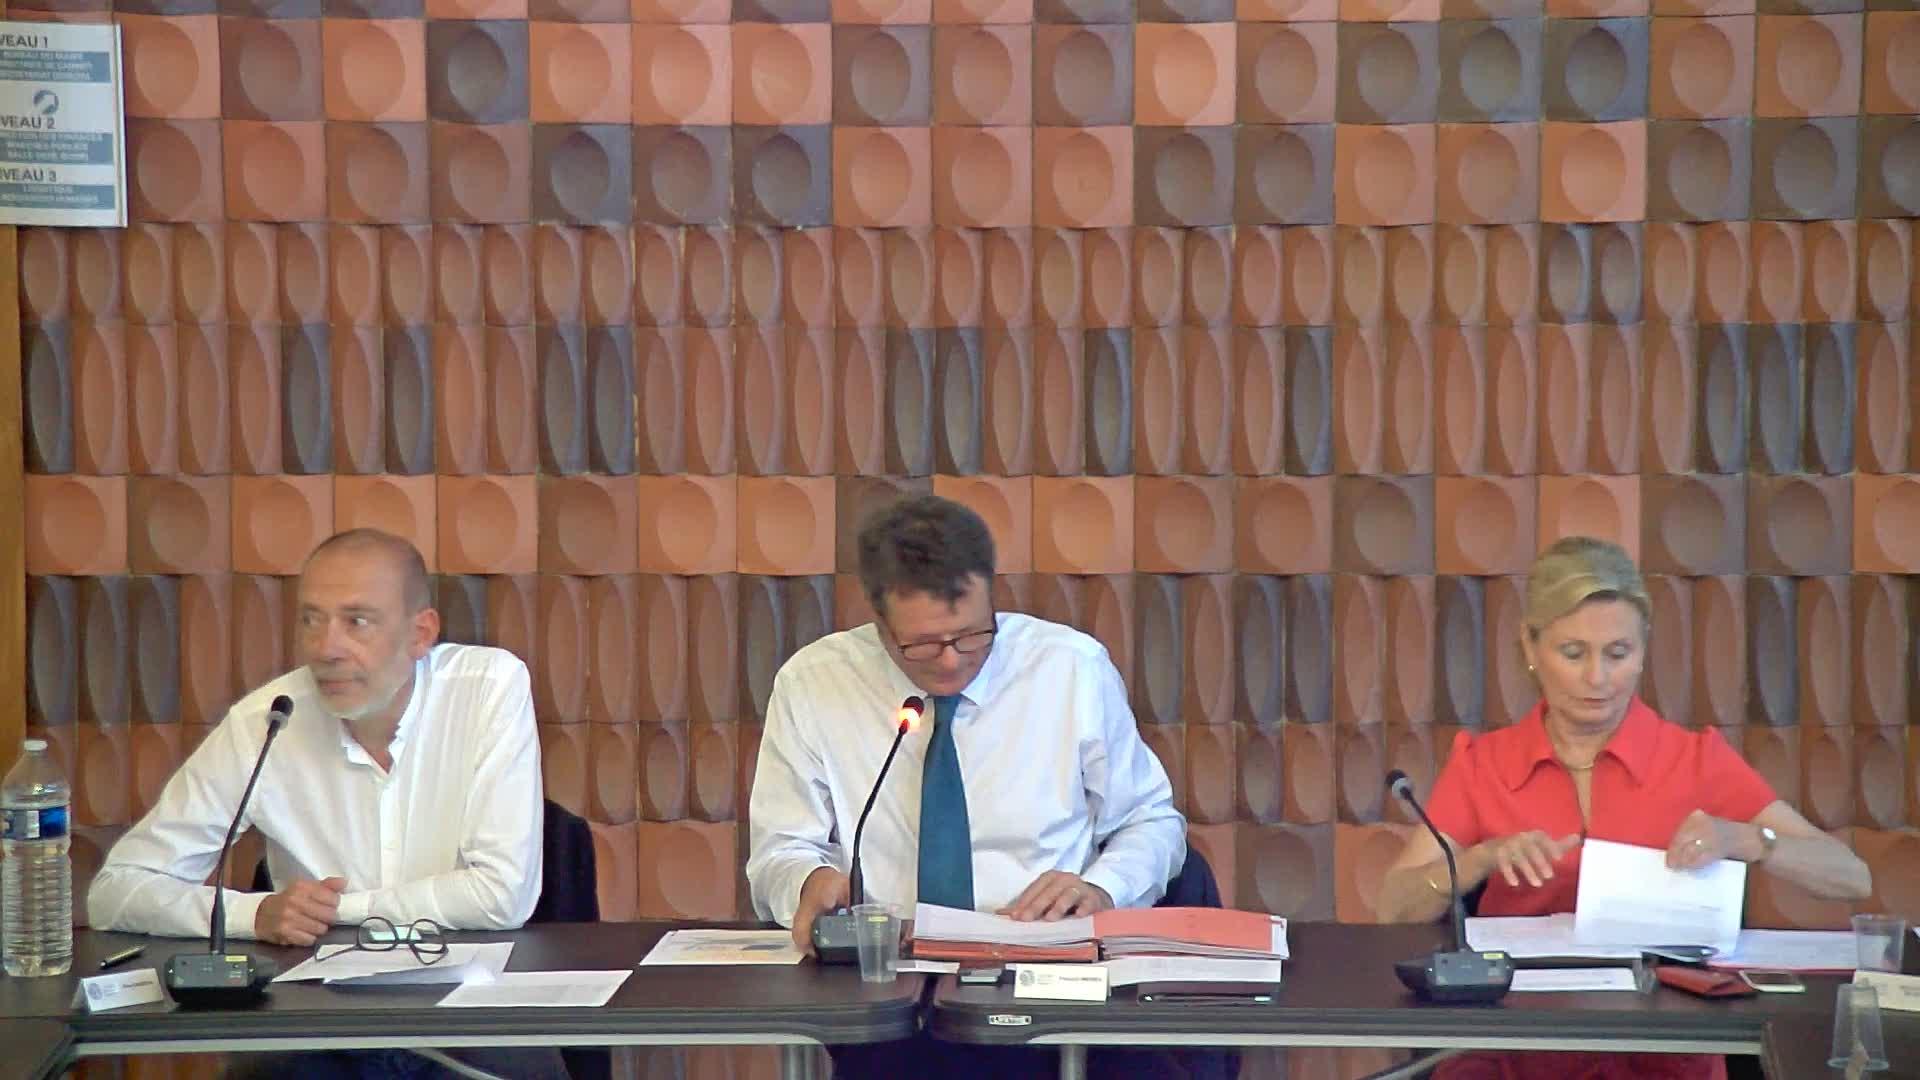 Accompagnement des bénéficiaires du RSA - Convention tripartite entre les villes et CCAS de Villers-lès-Nancy et de Malzéville avec le Département de Meurthe-et-Moselle - Convention de mise à disposition de l'accompagnateur RSA à la Ville de Malzéville